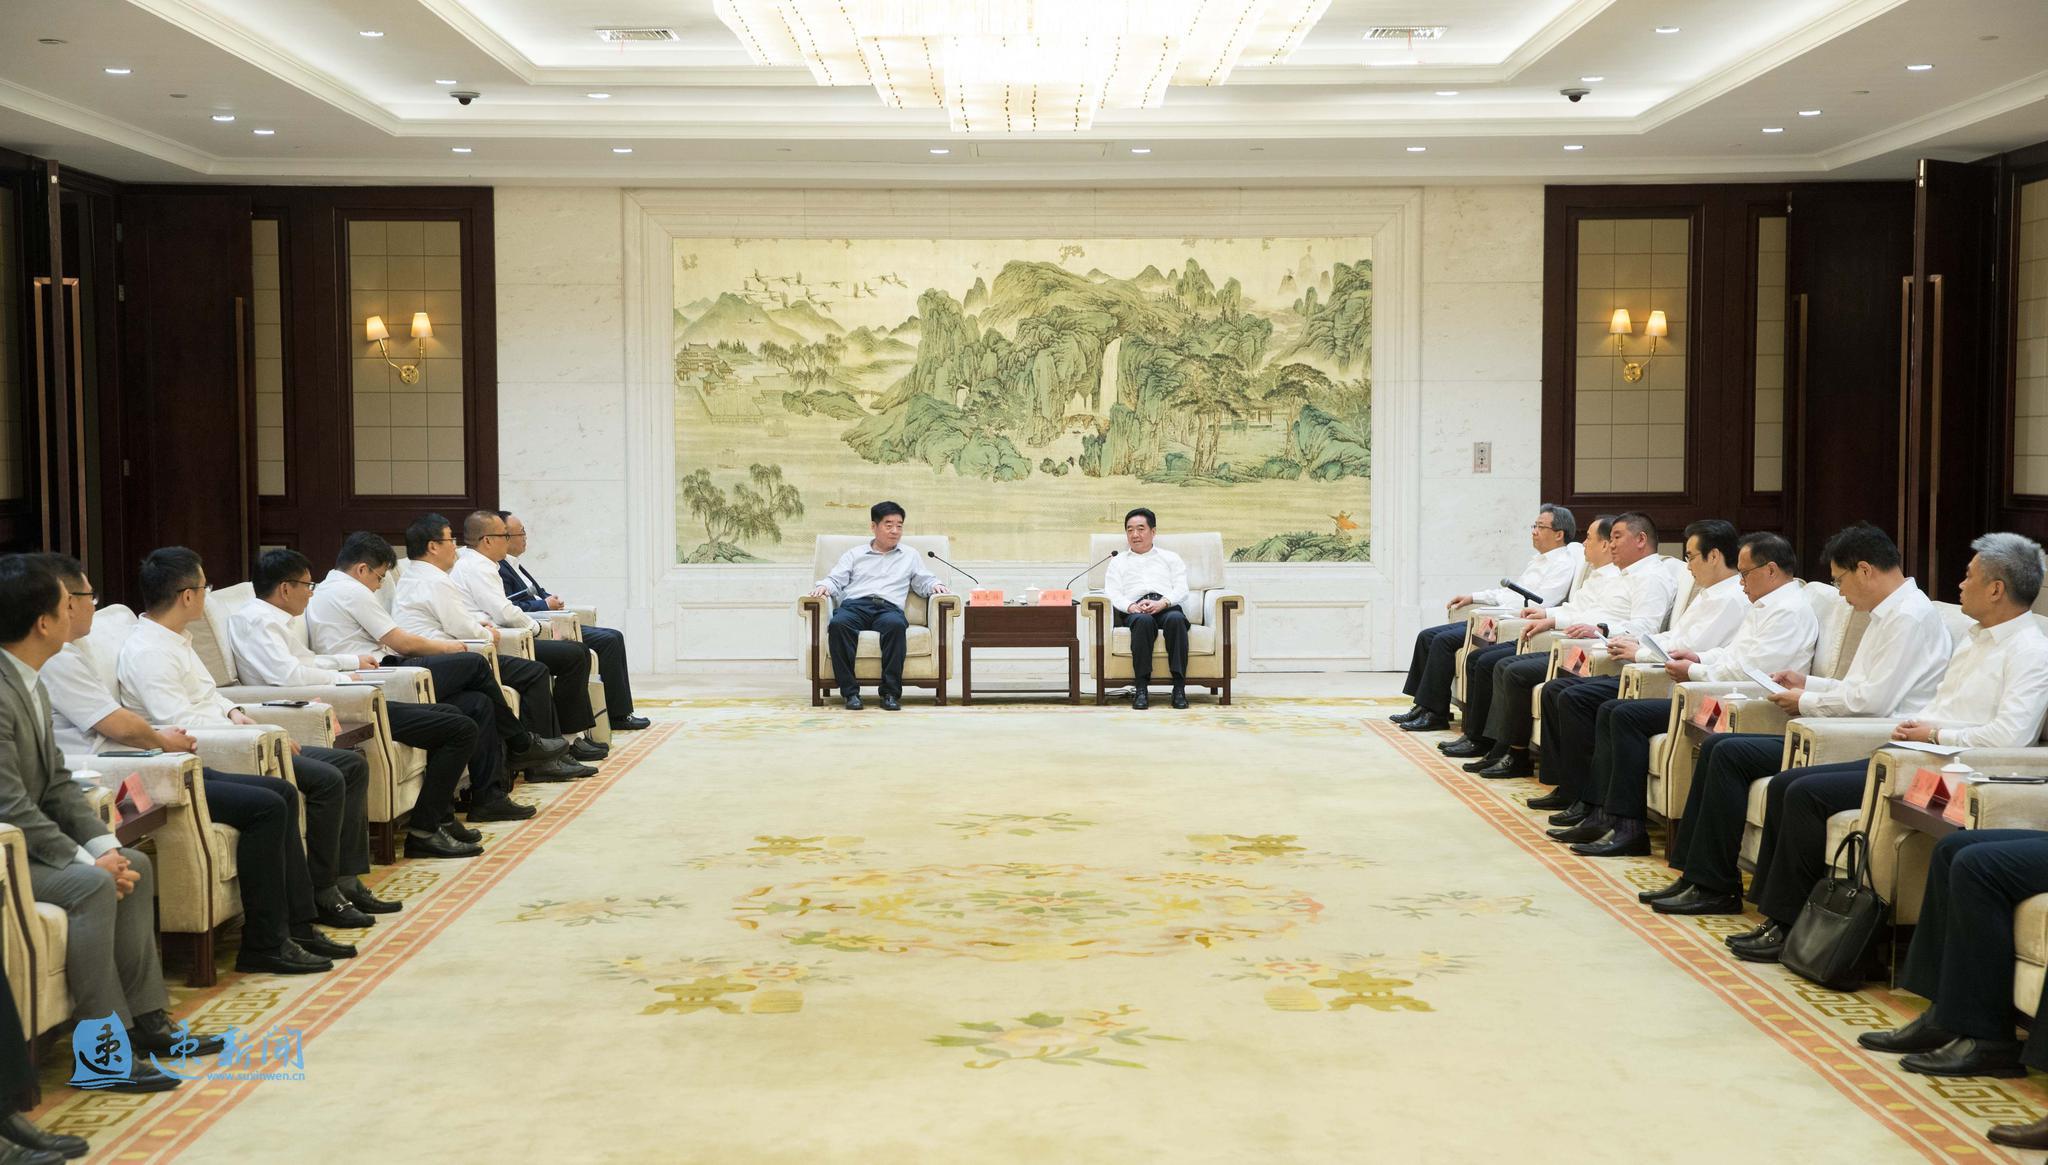 张爱军王昊会见出席2020中国·宿迁绿色产业洽谈会嘉宾代表